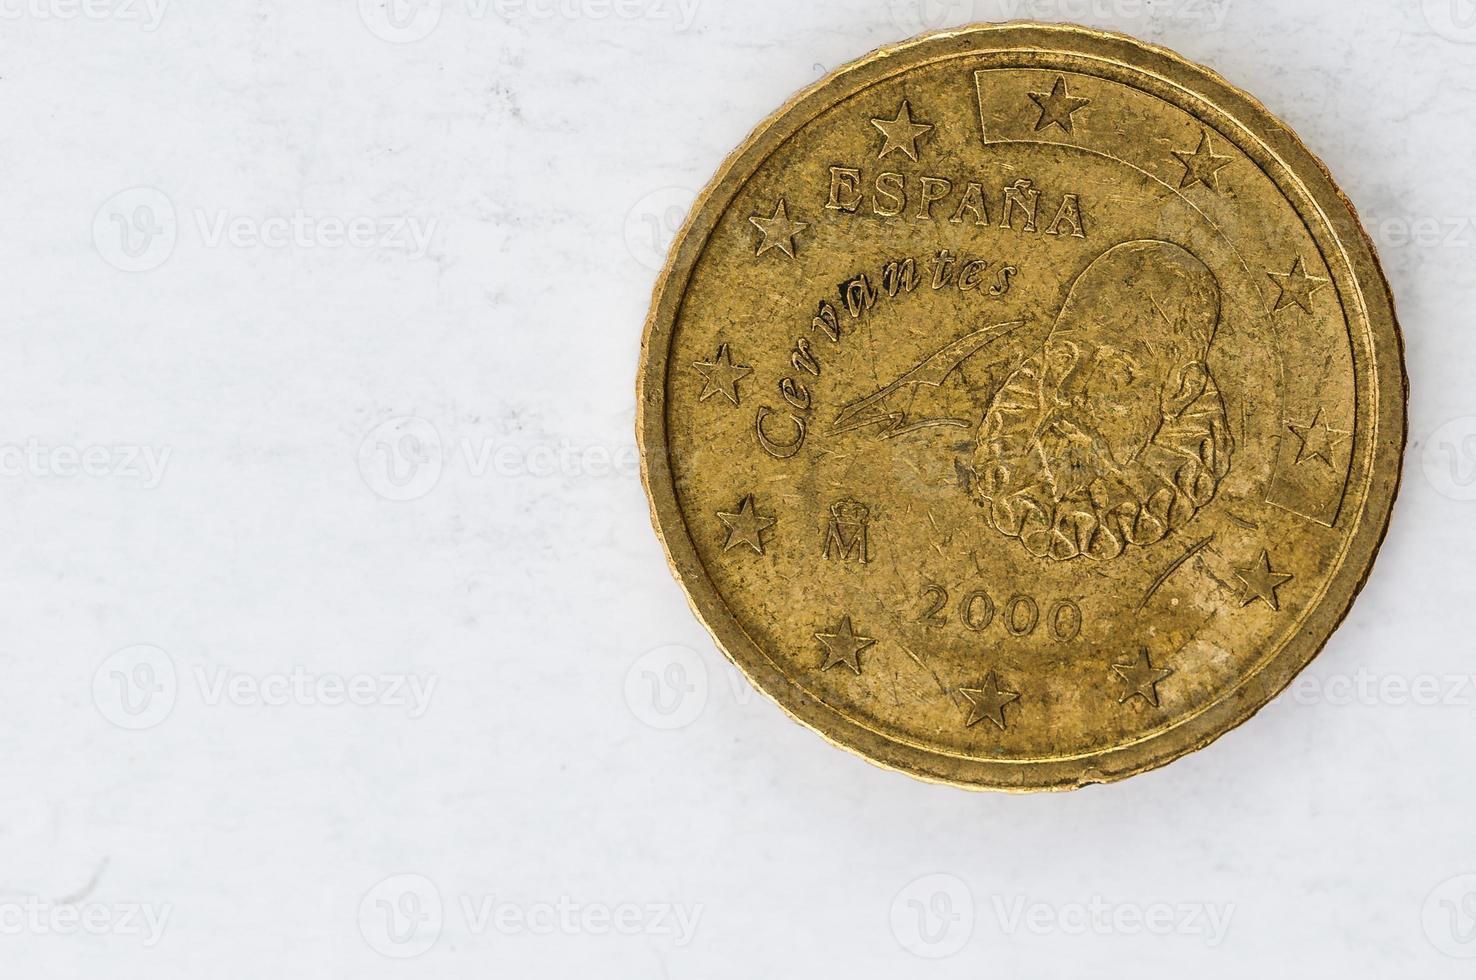 50-Cent-Münze mit Espania Cervantes Rückseite gebrauchten Look foto